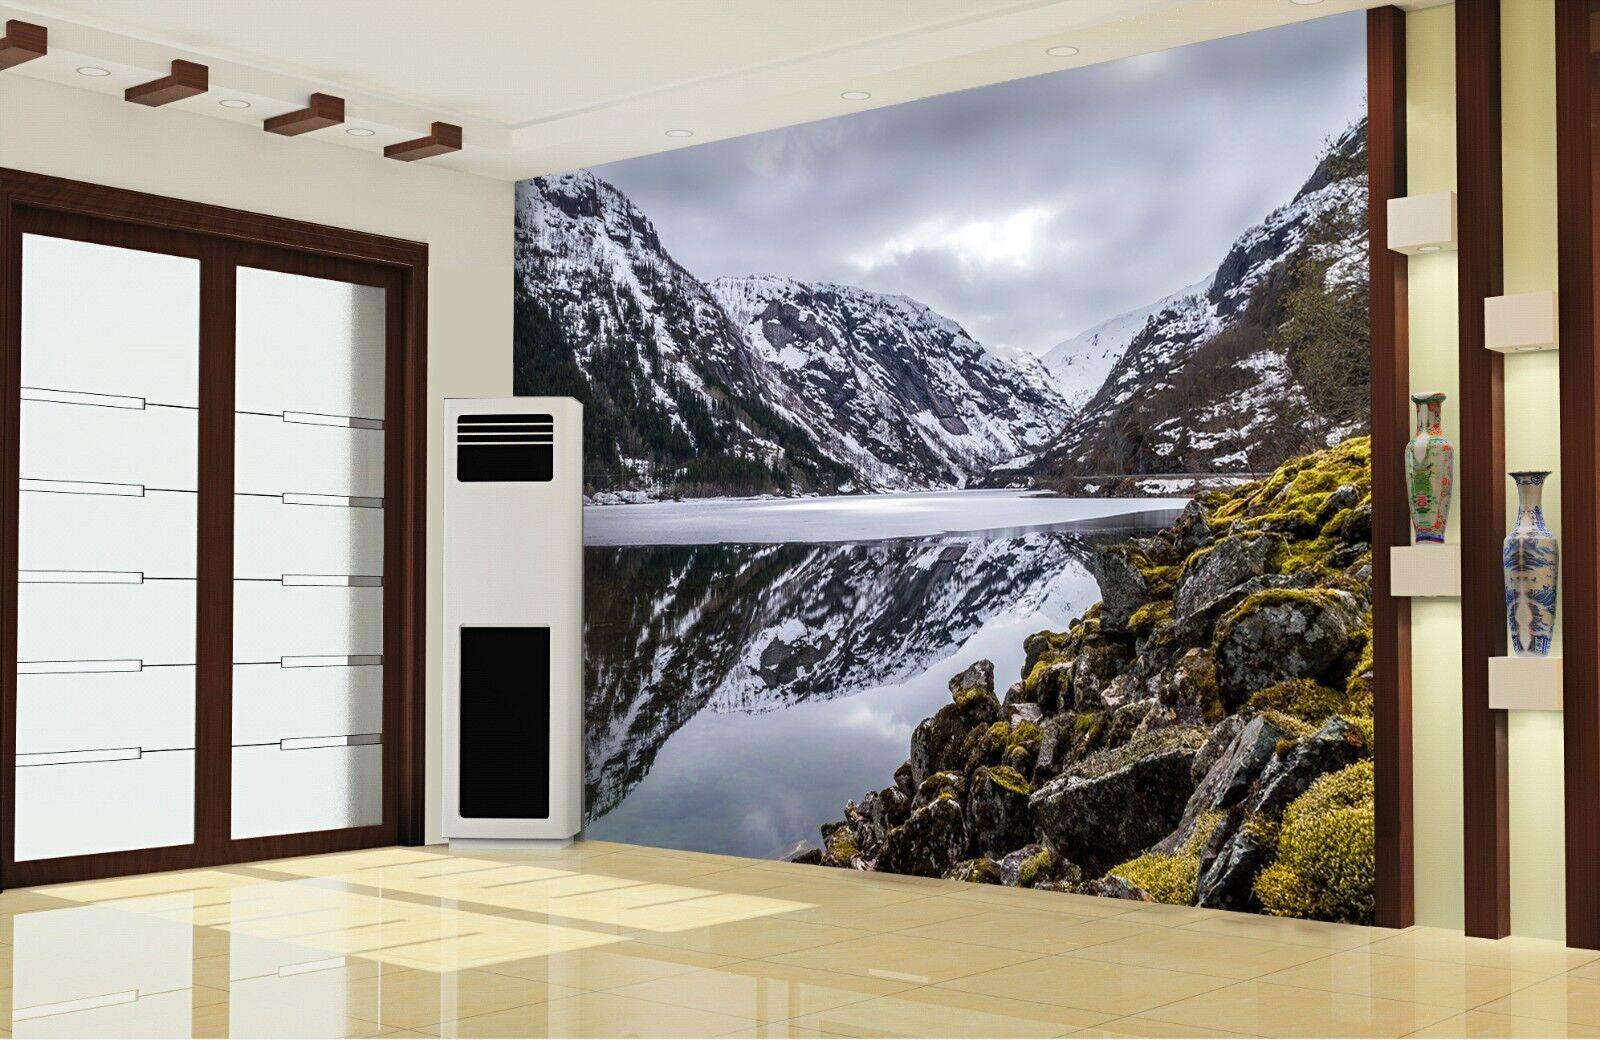 3D Mountain Lawn 834 Wallpaper Mural Wall Print Wall Wallpaper Murals US Lemon